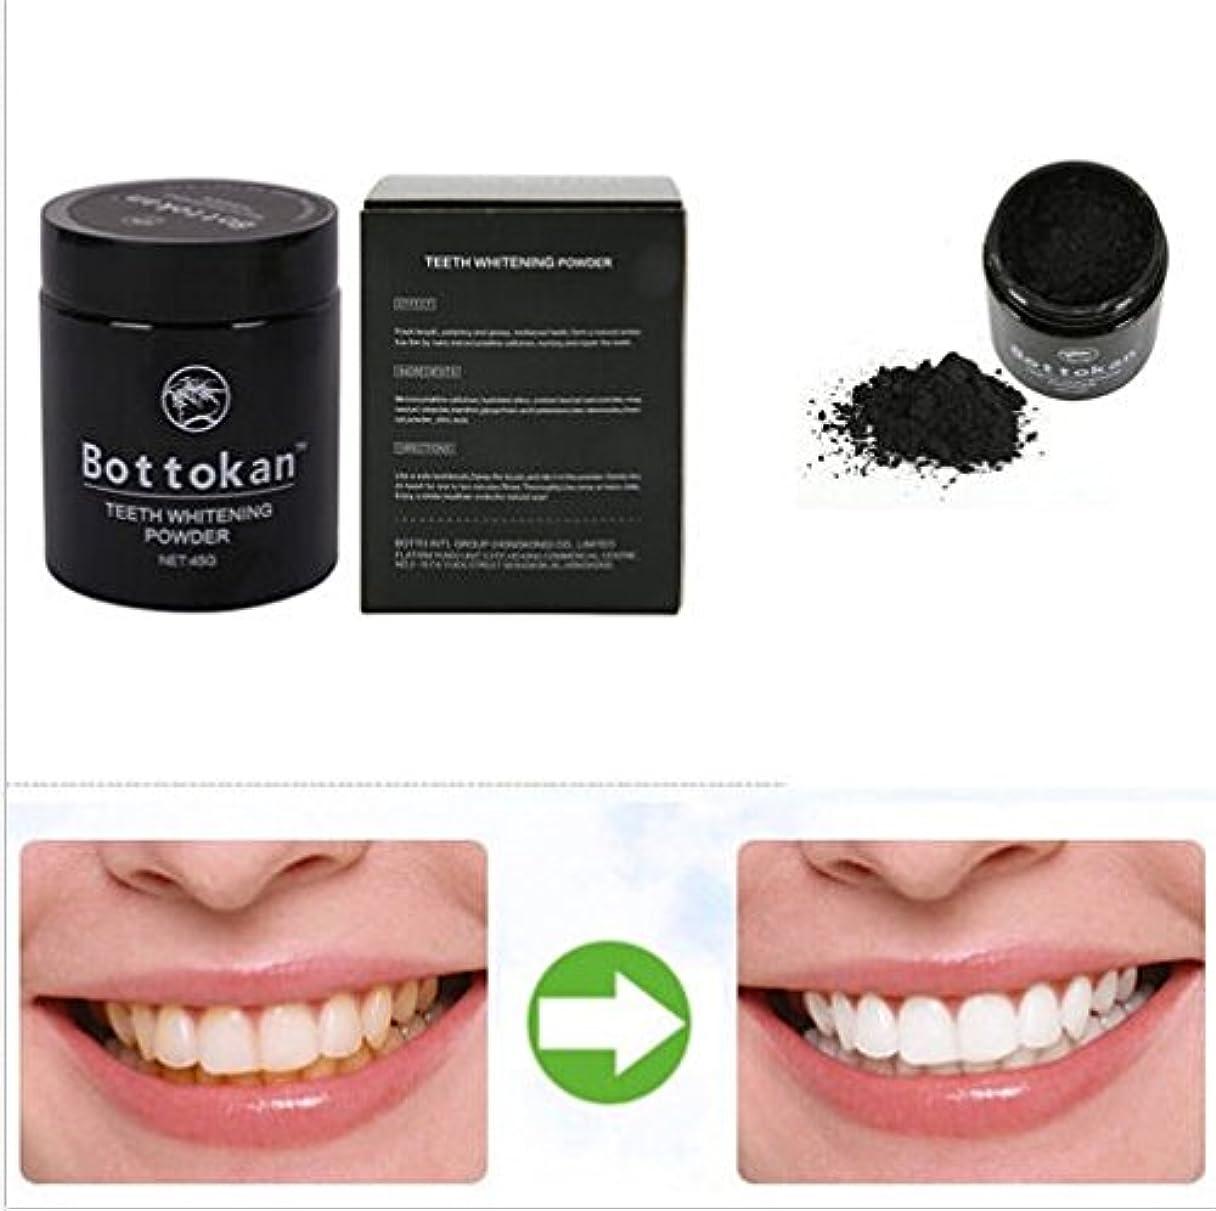 フォークスキャンキウイ歯磨きパウダー 食べる活性炭 チャコールパーティクル 竹炭パウダー 45g 黒缶